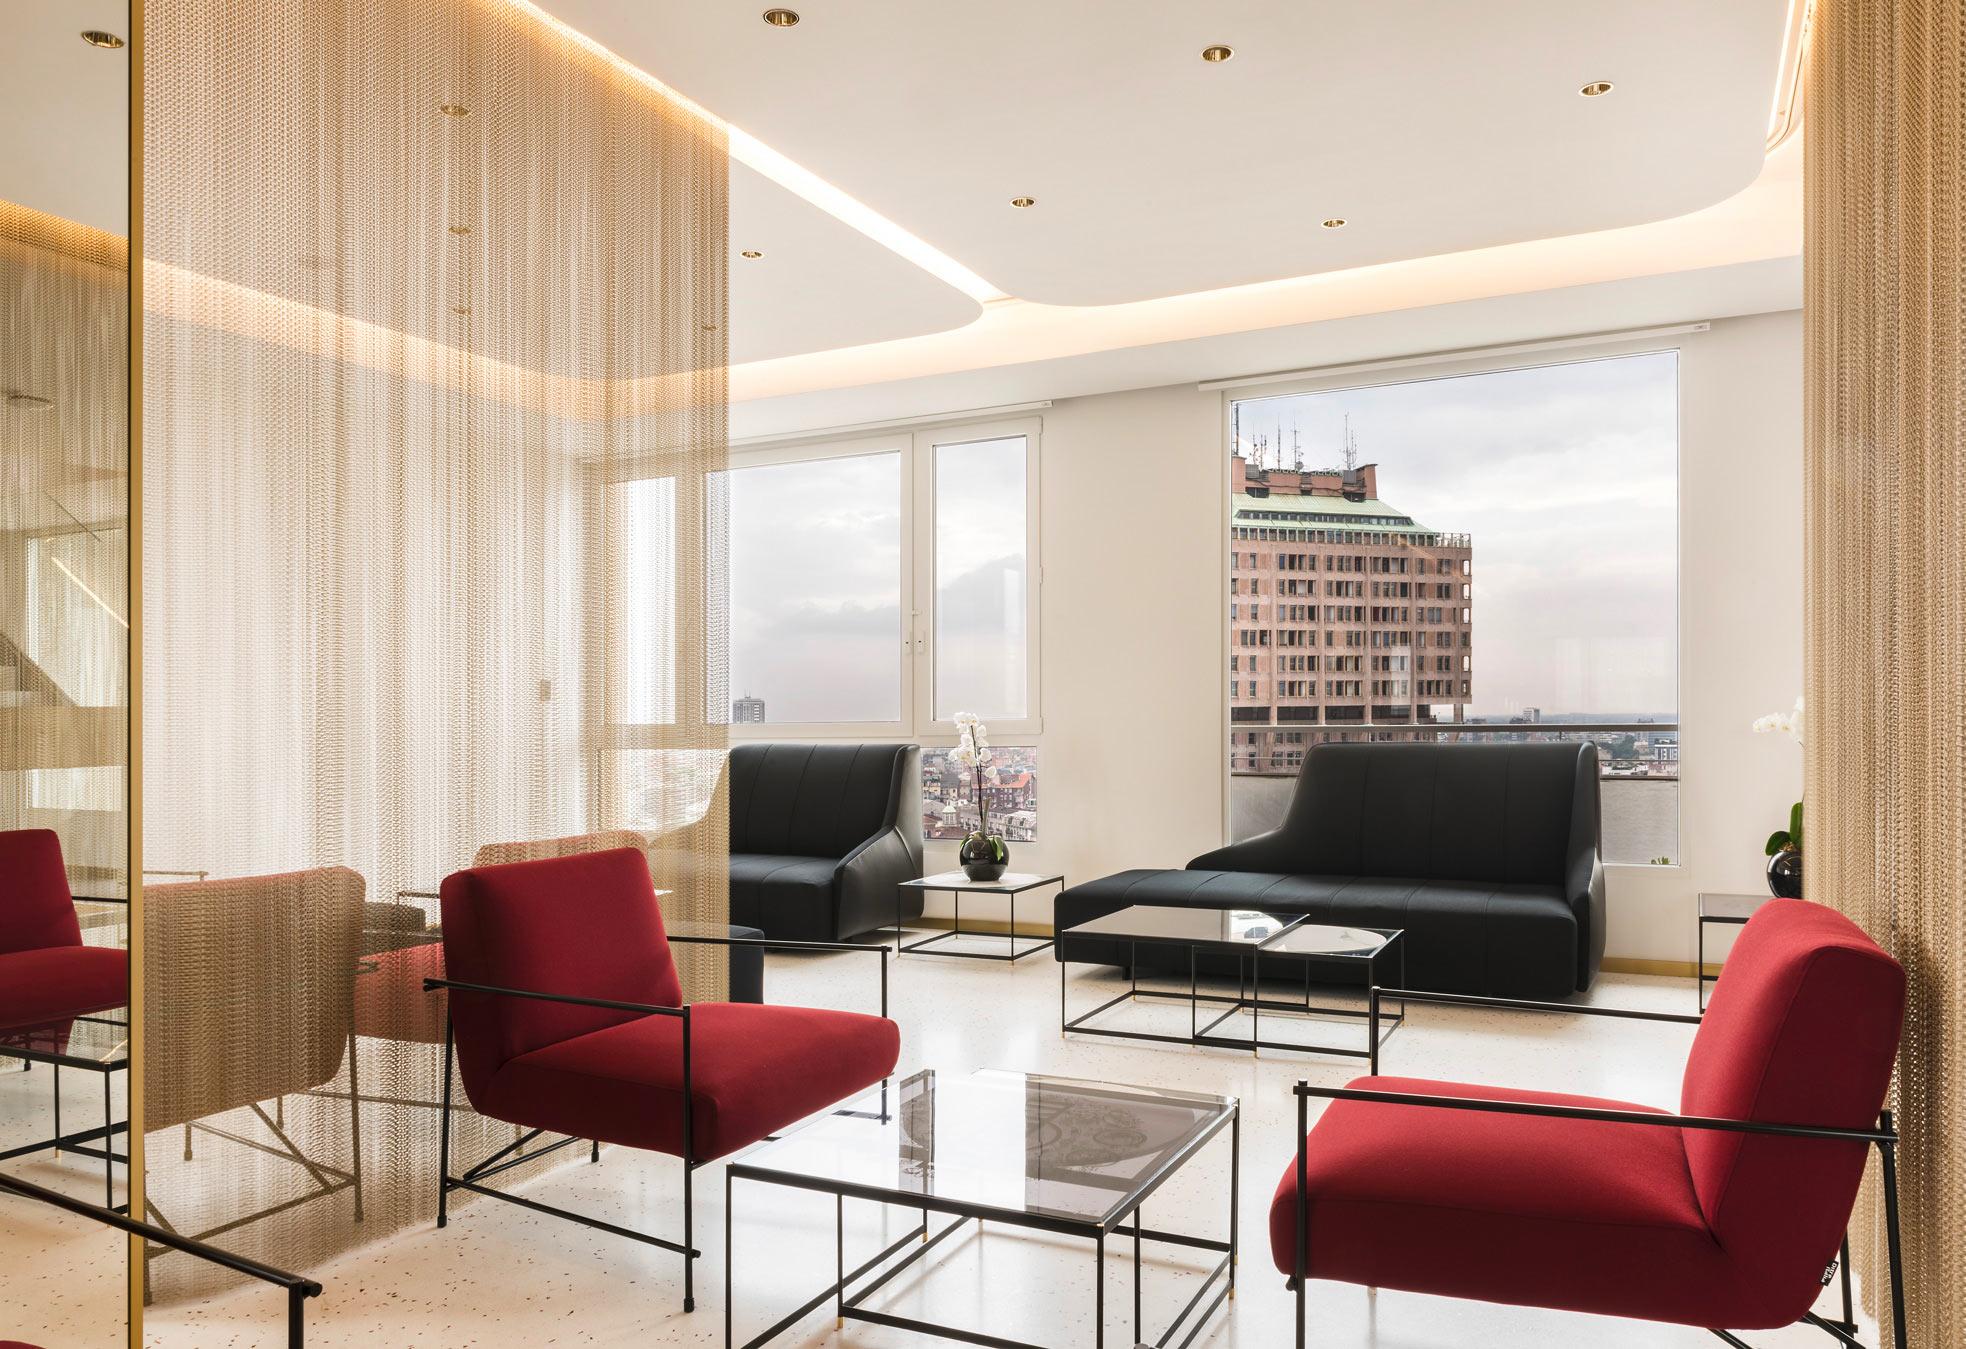 Terrazza Martin-15th- floor-lounge-area Vito Corvasce